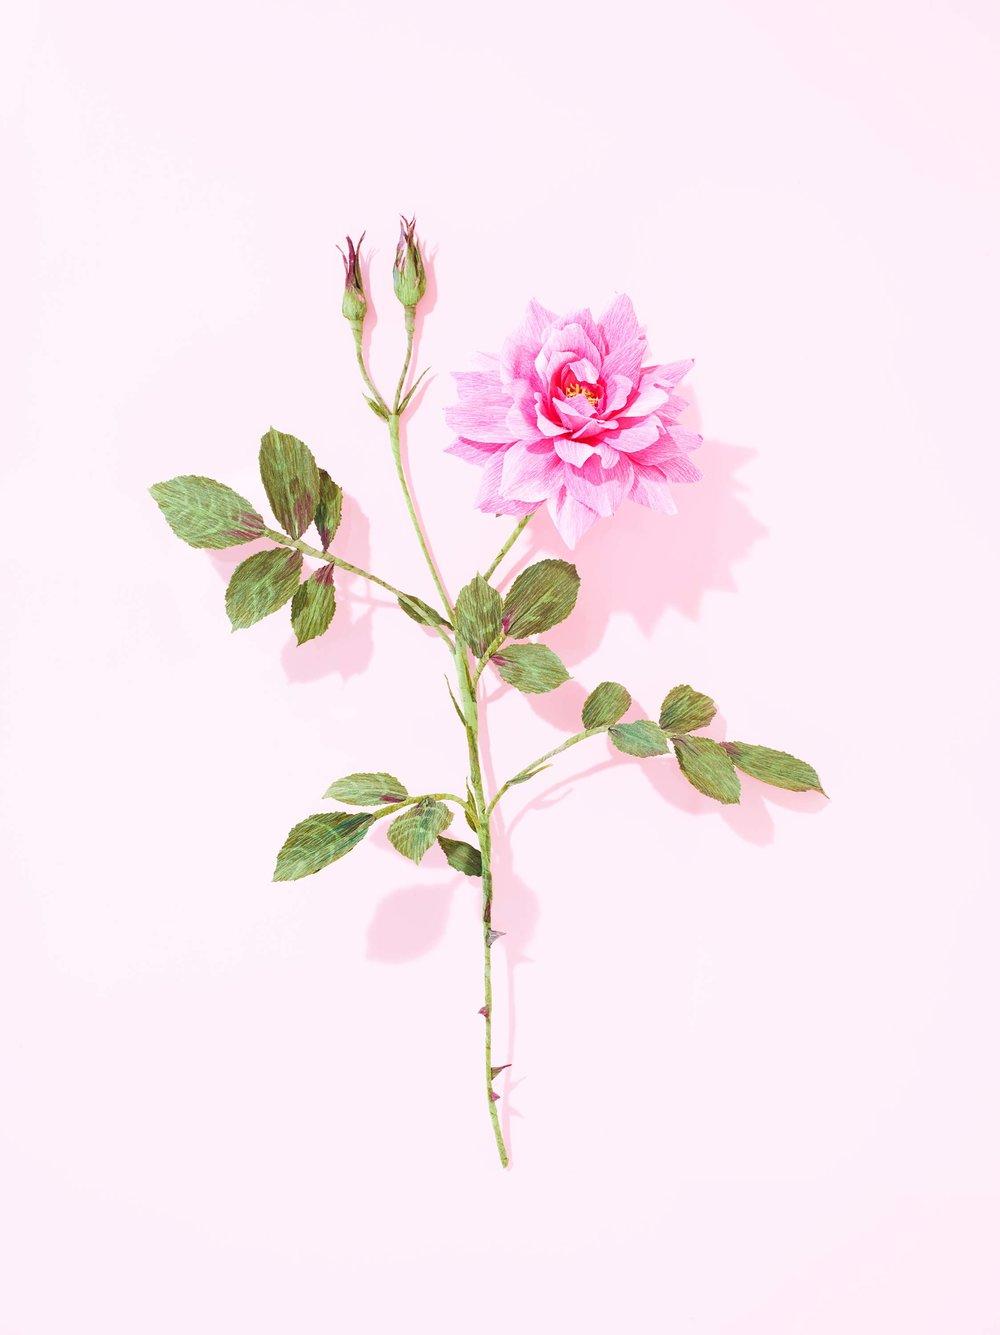 002-Garden-Rose_0017.jpg